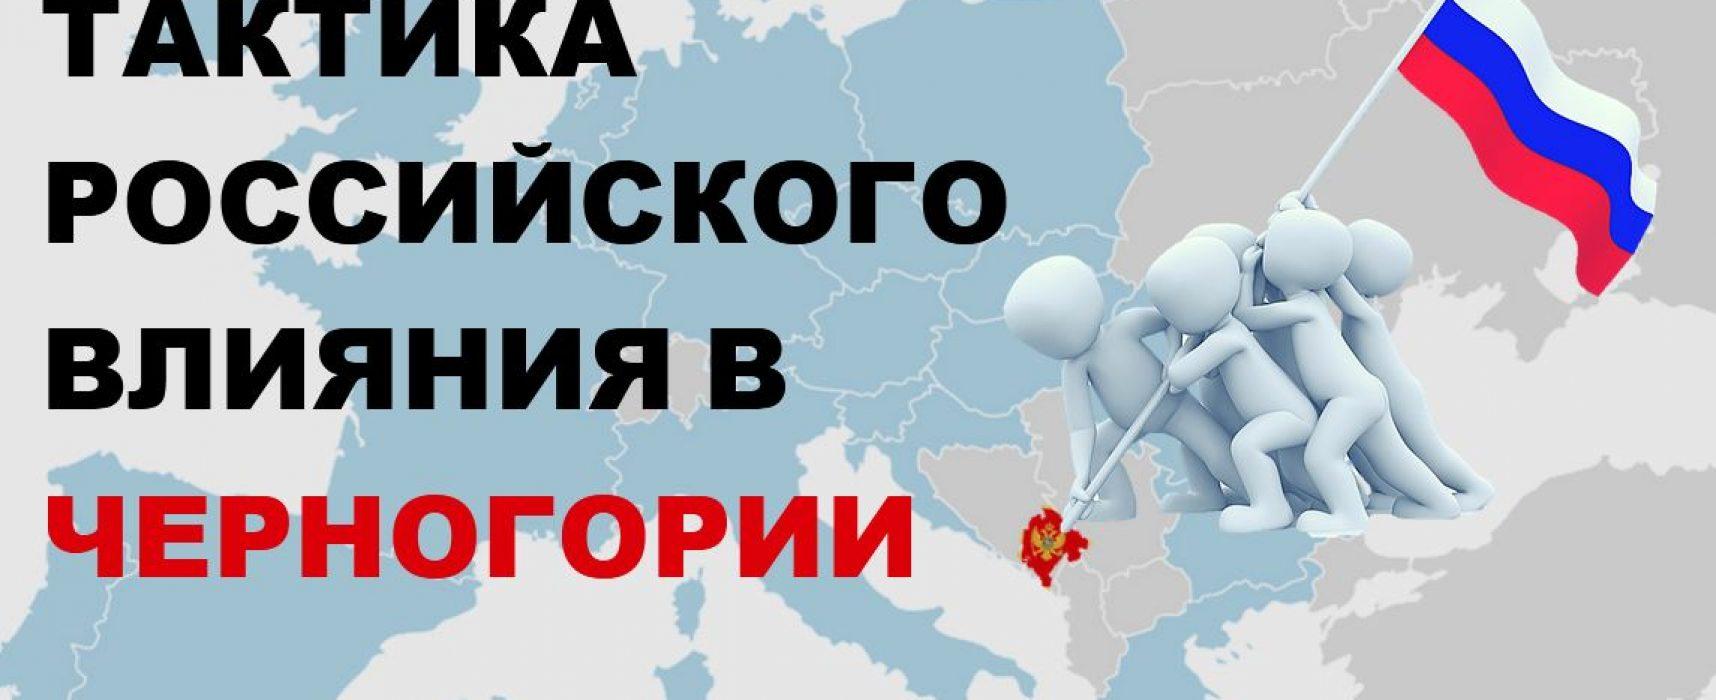 Влияние России на выборы в США: военная разведка, фейковые аккаунты, фейковые местные новости